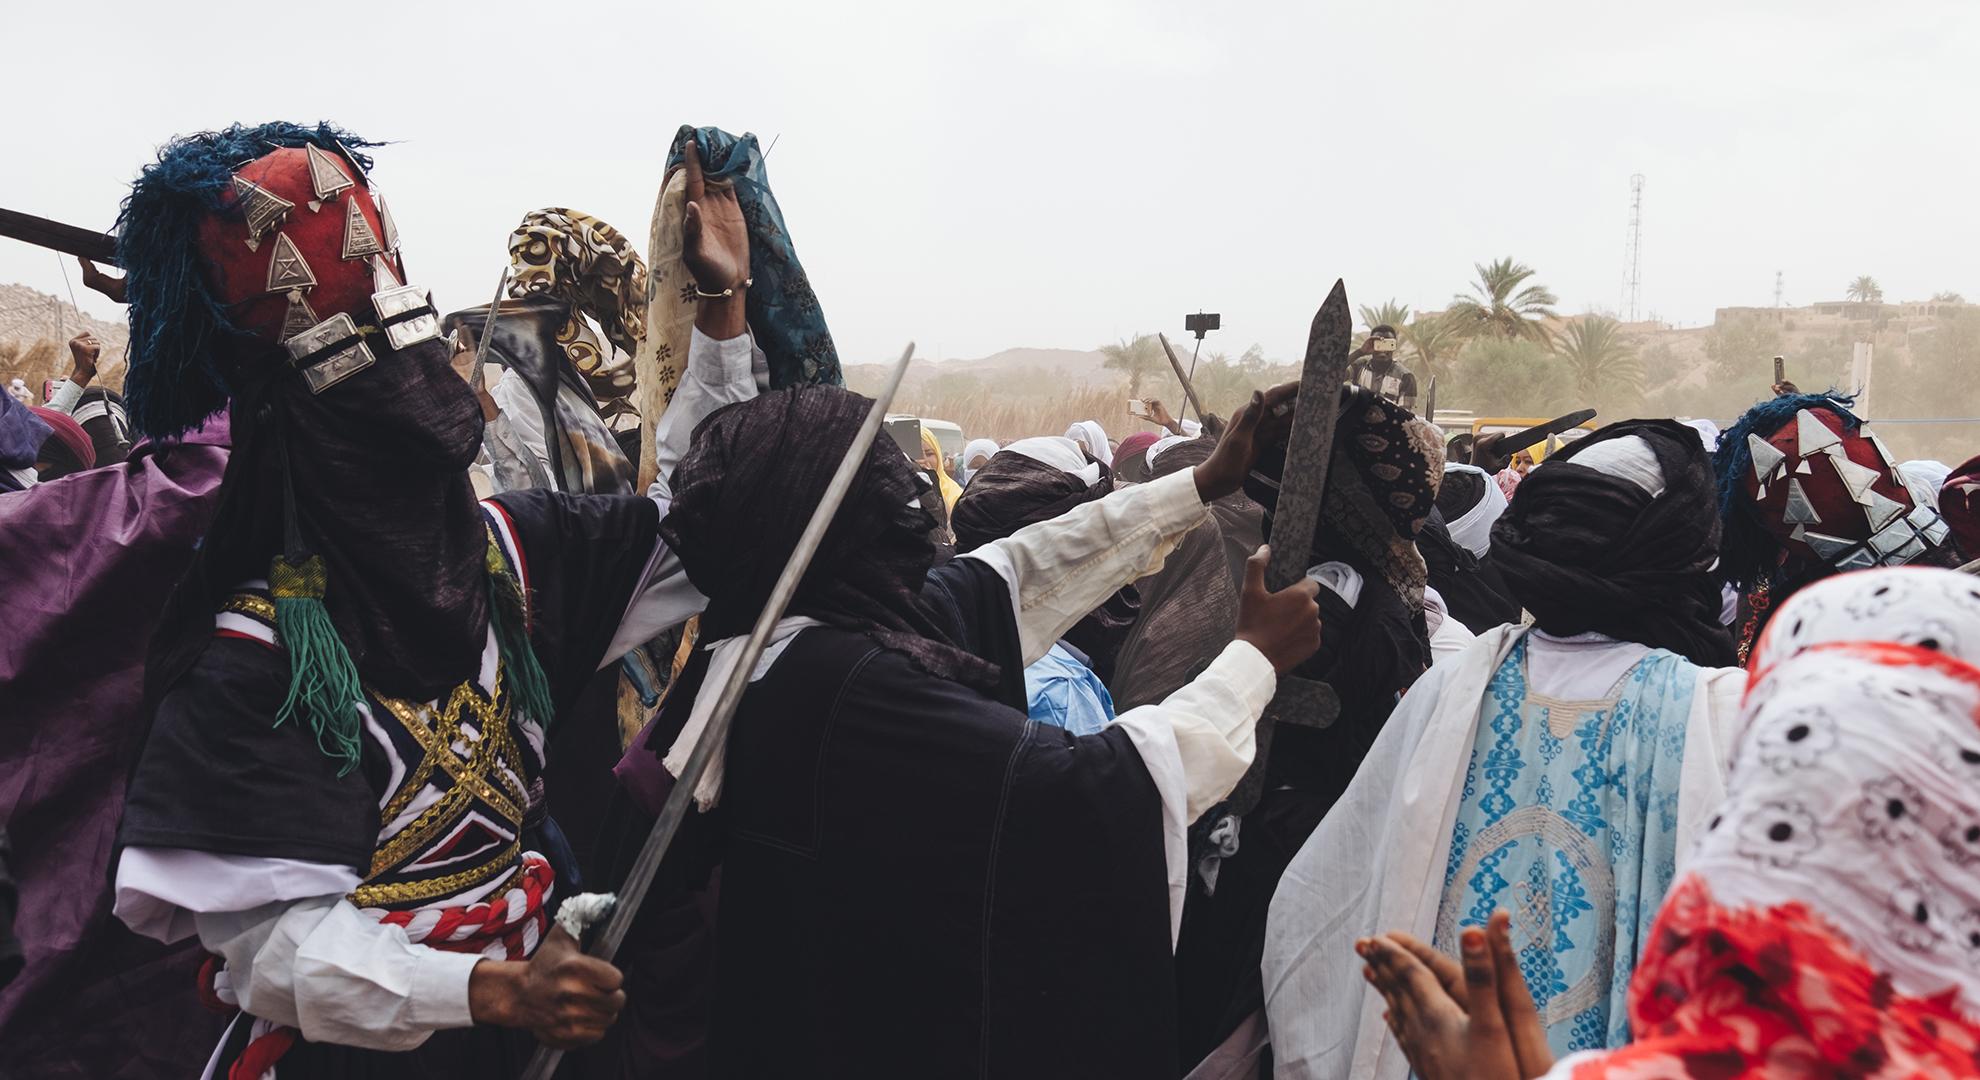 Une fête touareg millénaire au coeur du Sahara en Algérie